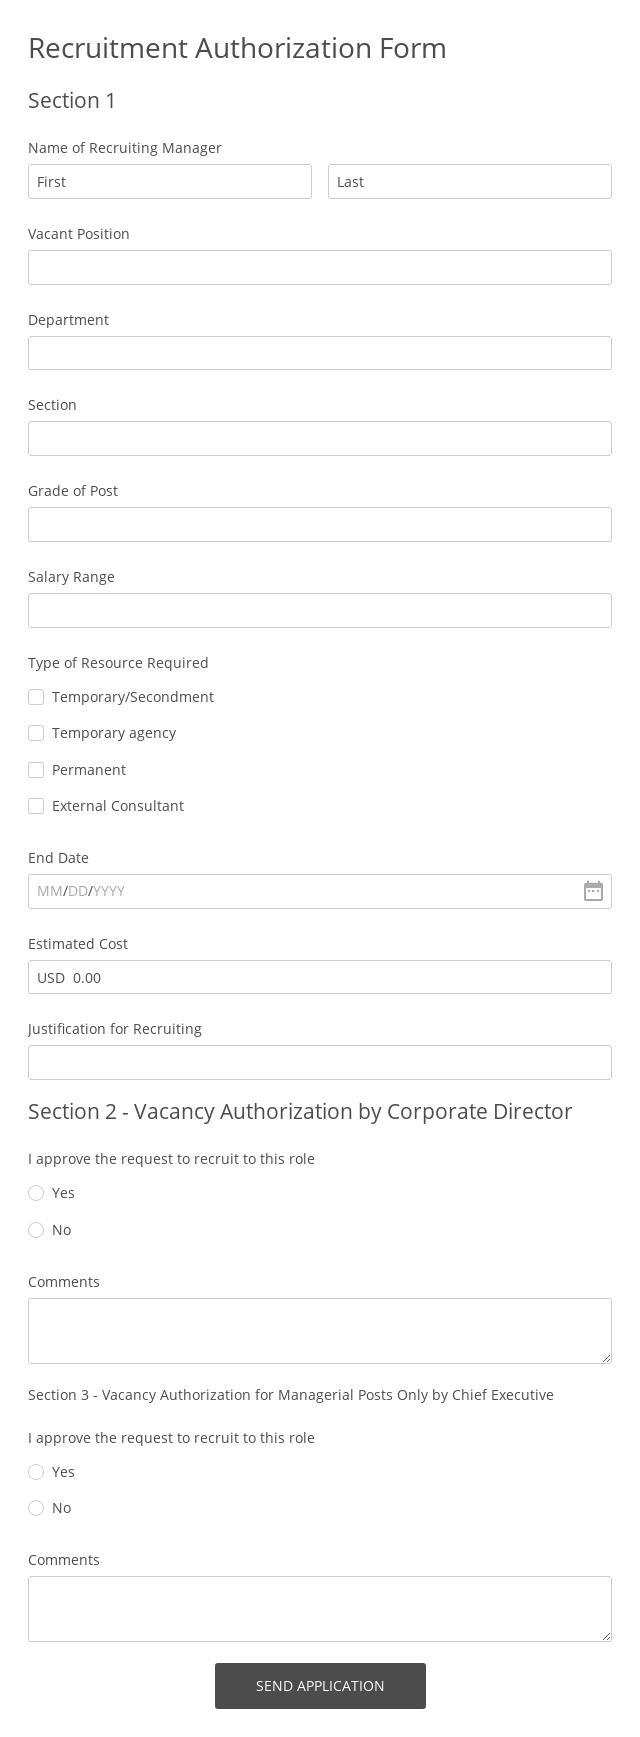 Recruitment Authorisation Form